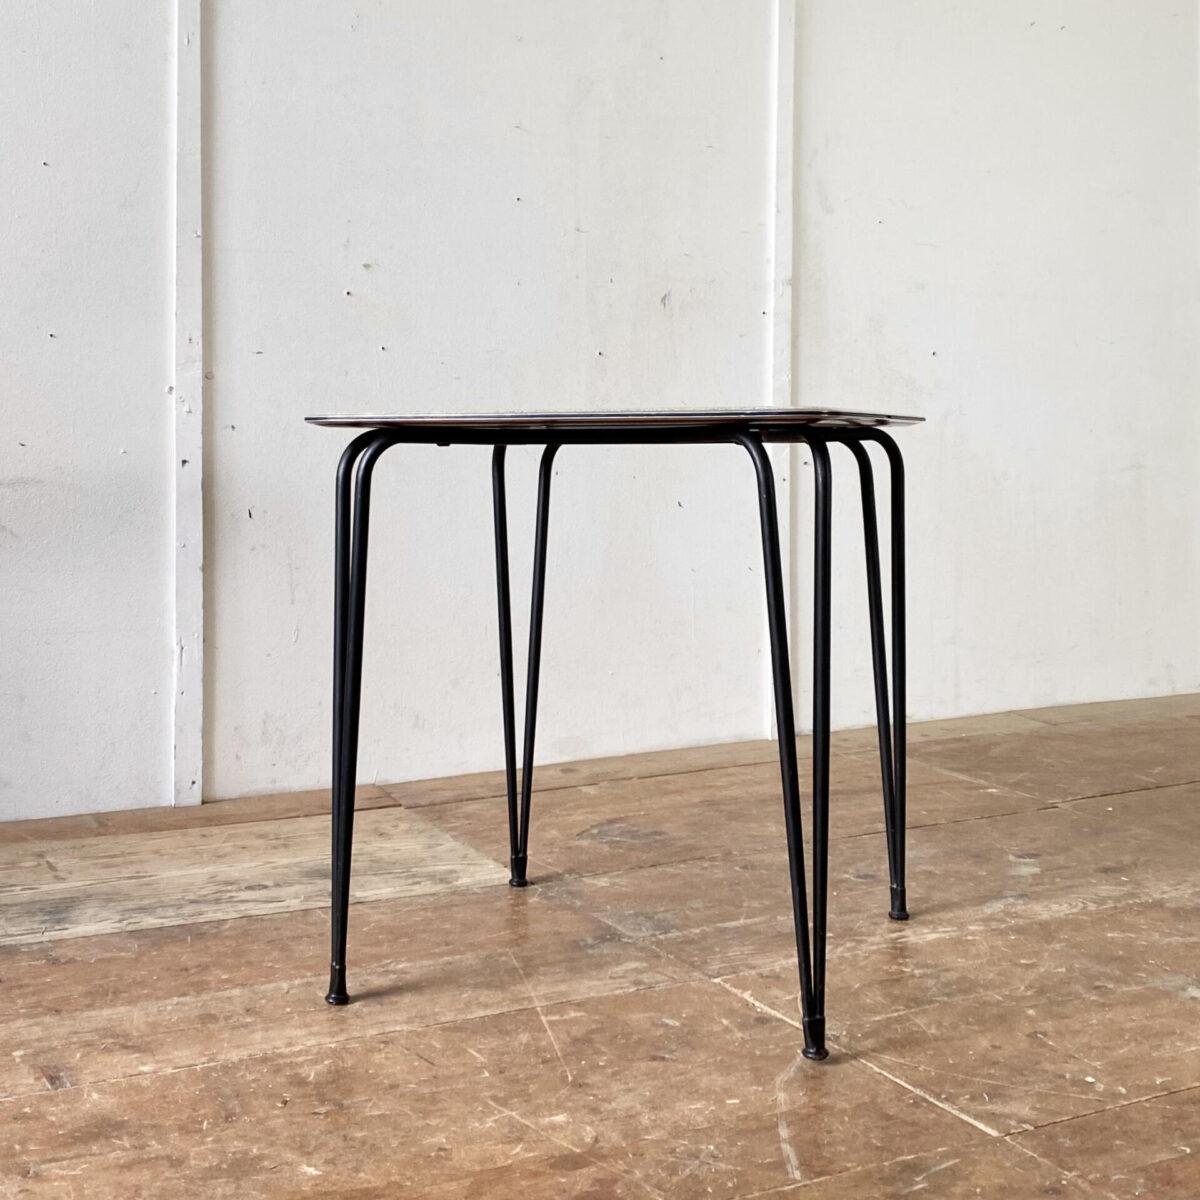 Deuxieme.shop 60er Jahre Tisch. Kleiner kompakter Küchentisch mit schwarzen konischen Stahlbeinen. 66x66cm Höhe 67cm. Das Werzalit Tischblatt ist grün-schwarz meliert, zur Kante hin verjüngt, und mit einer Aluminiumkante eingefasst. Der Tisch eignet sich auch als Gartentisch oder Balkontisch. Die Hairpin artigen Tischbeine sind schwarz lackiert und mit Gummifüssen bestückt. Die Tischkante, aus Alu, ziert ausserdem ein feines eingepresstes Kunststoff Filet.